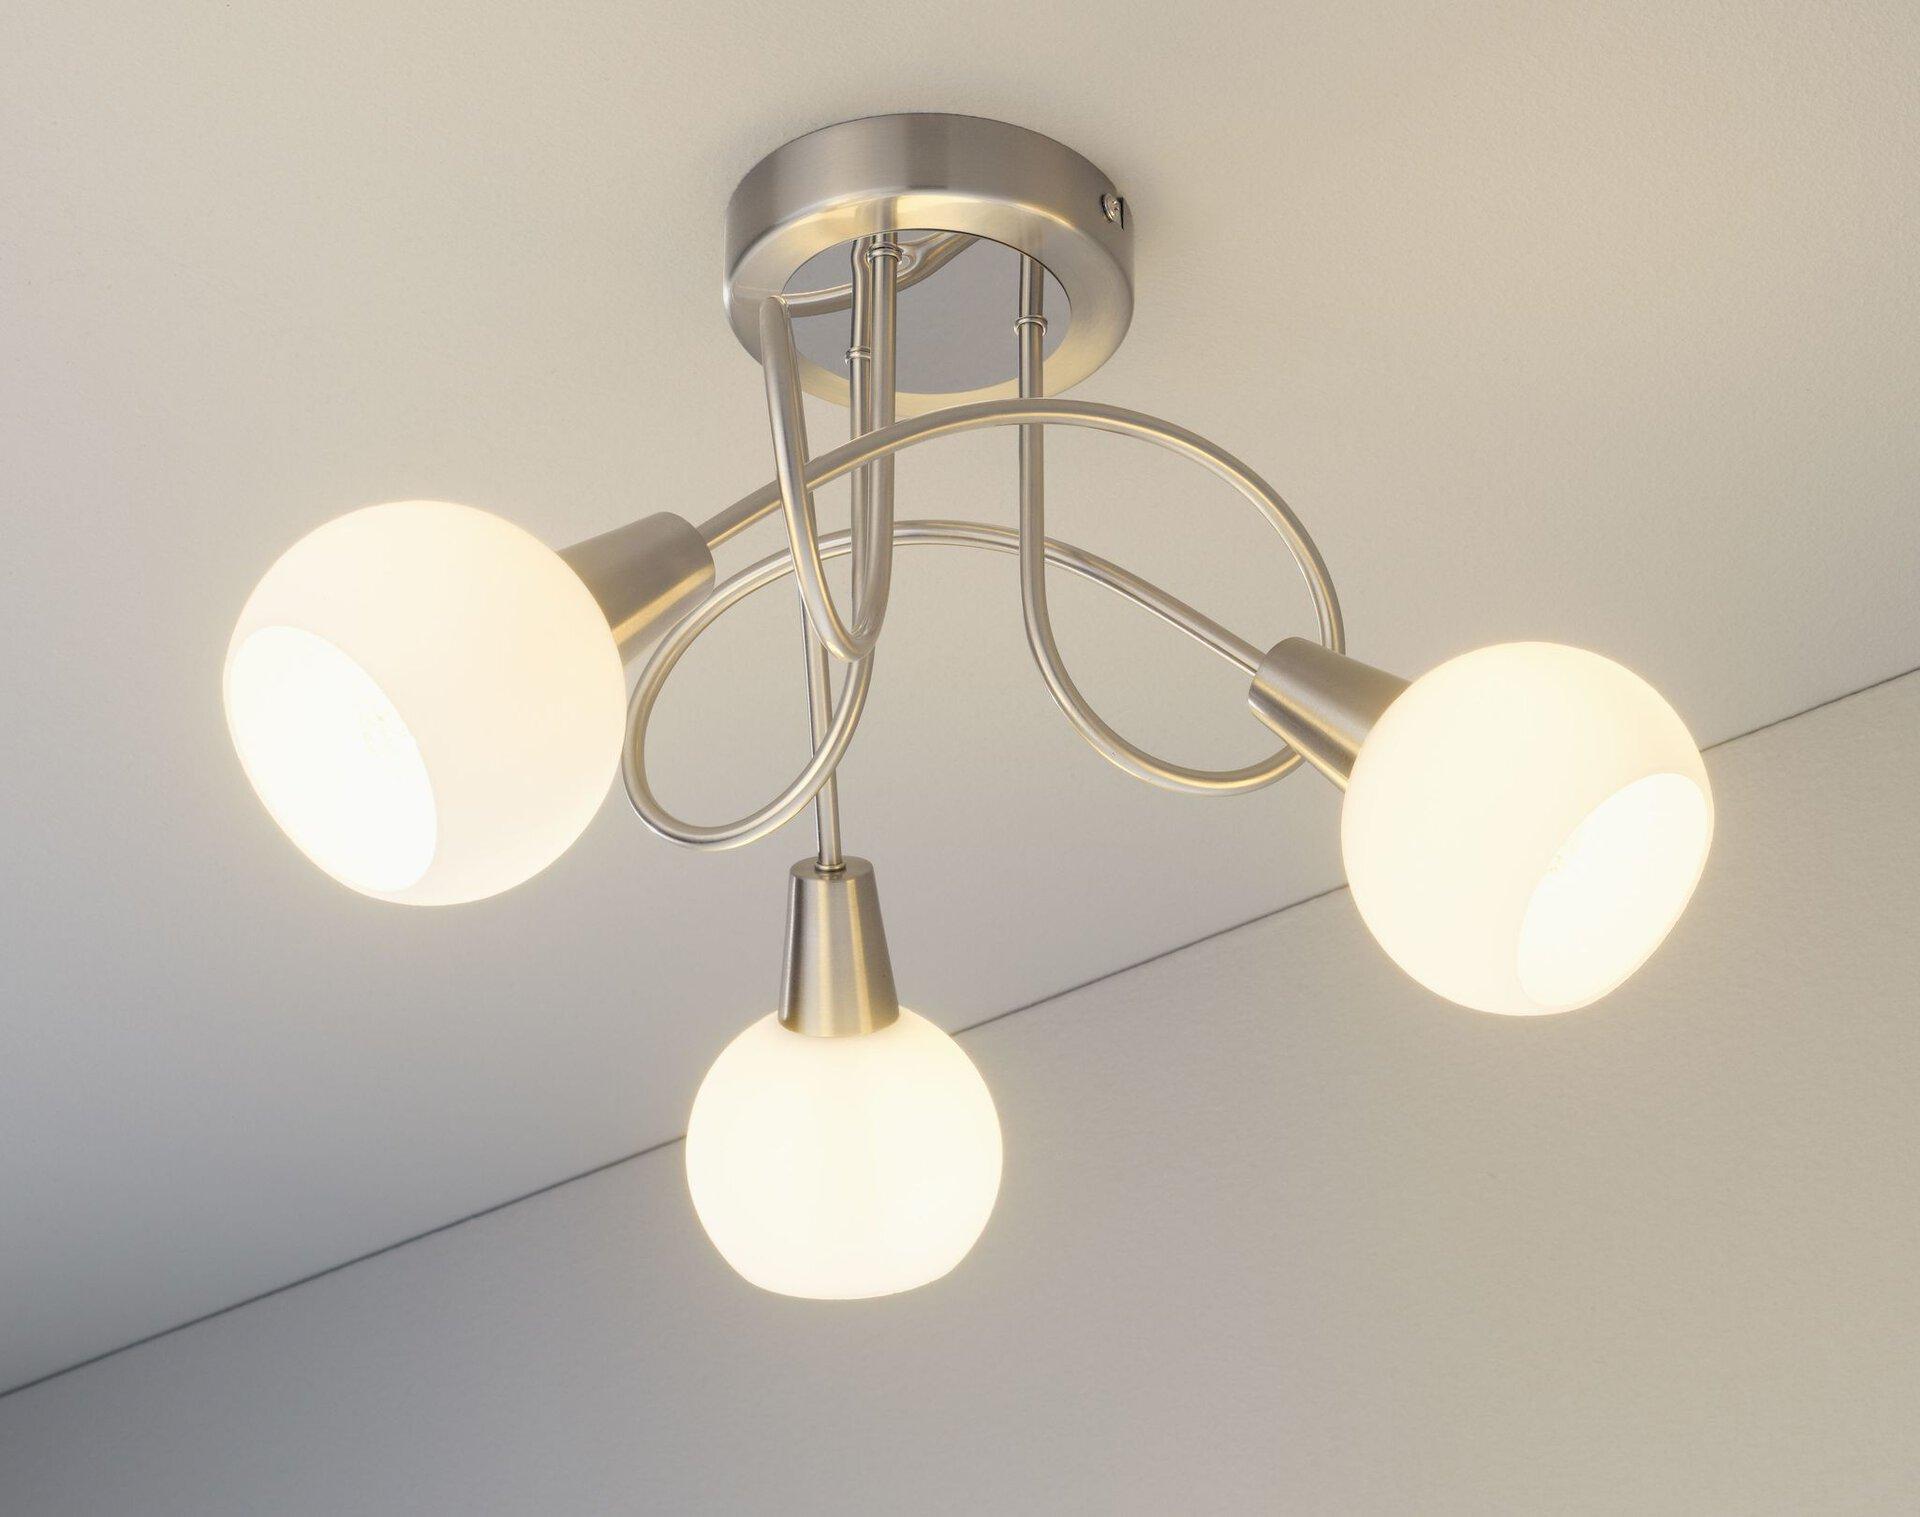 Deckenleuchte Lina II Casa Nova Metall silber 45 x 23 x 45 cm